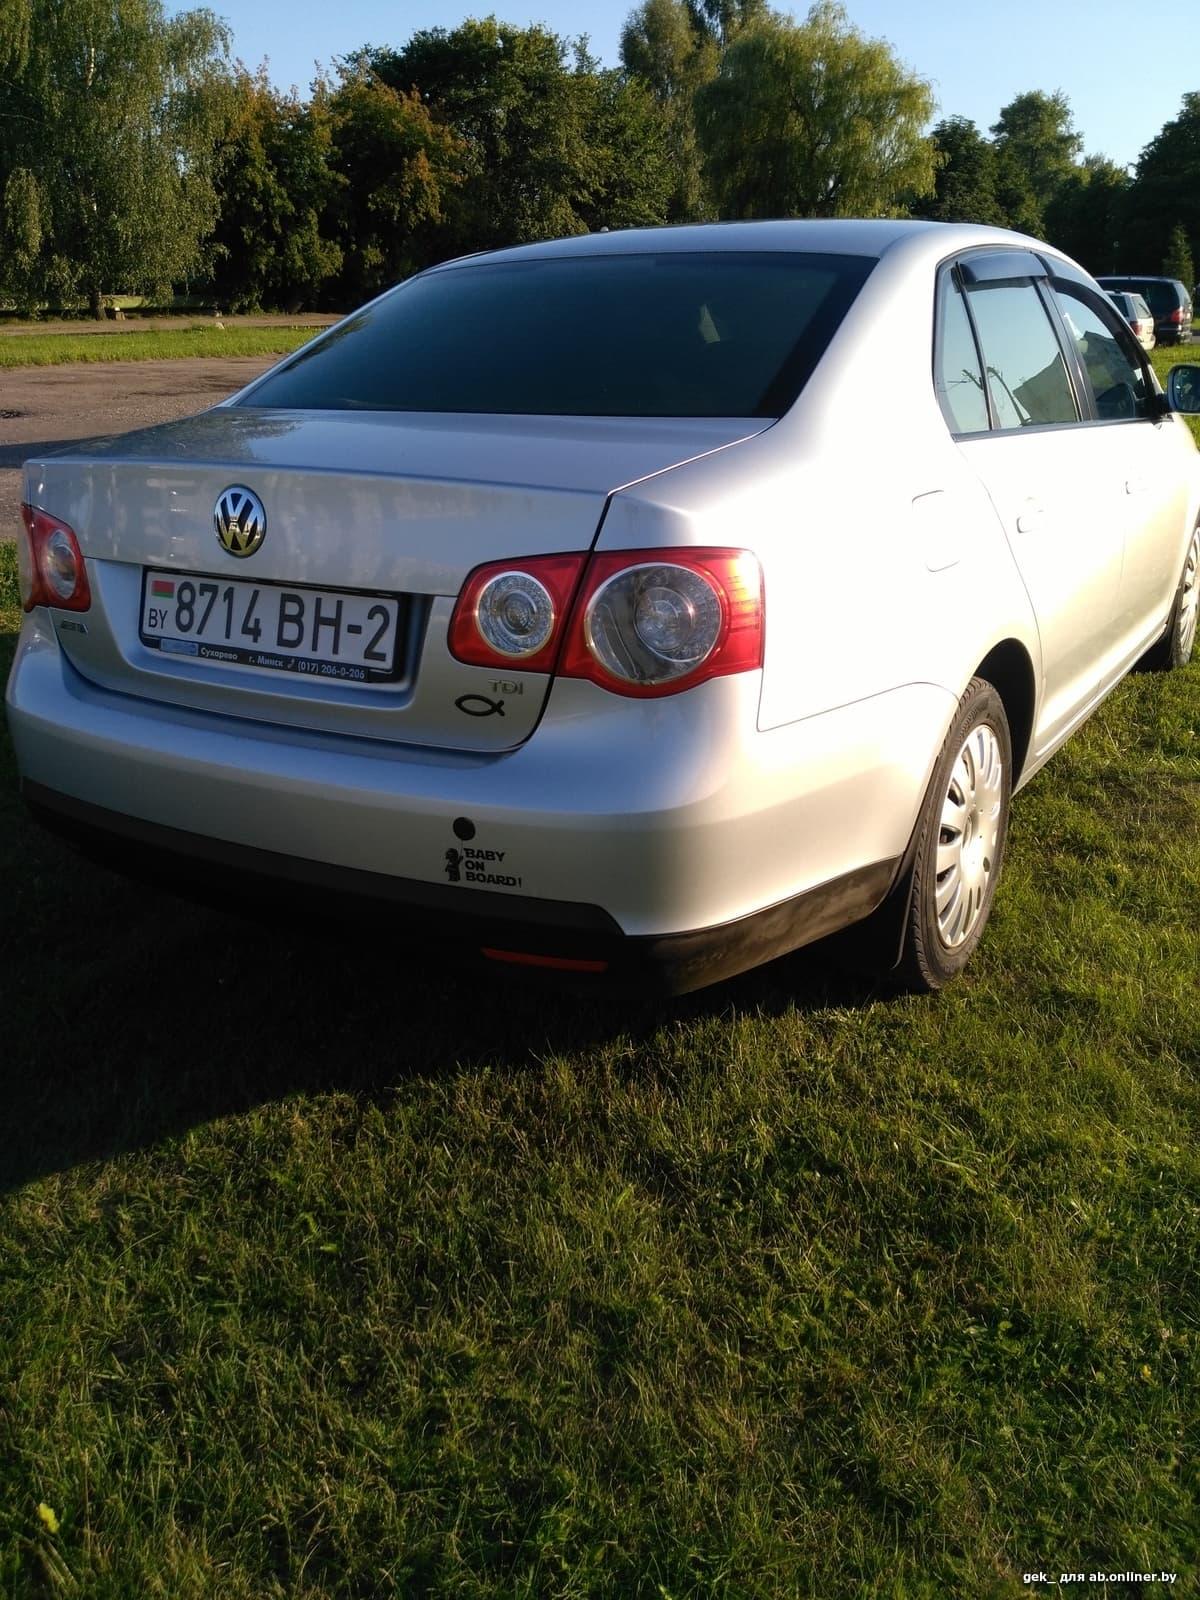 Volkswagen Jetta МК 5